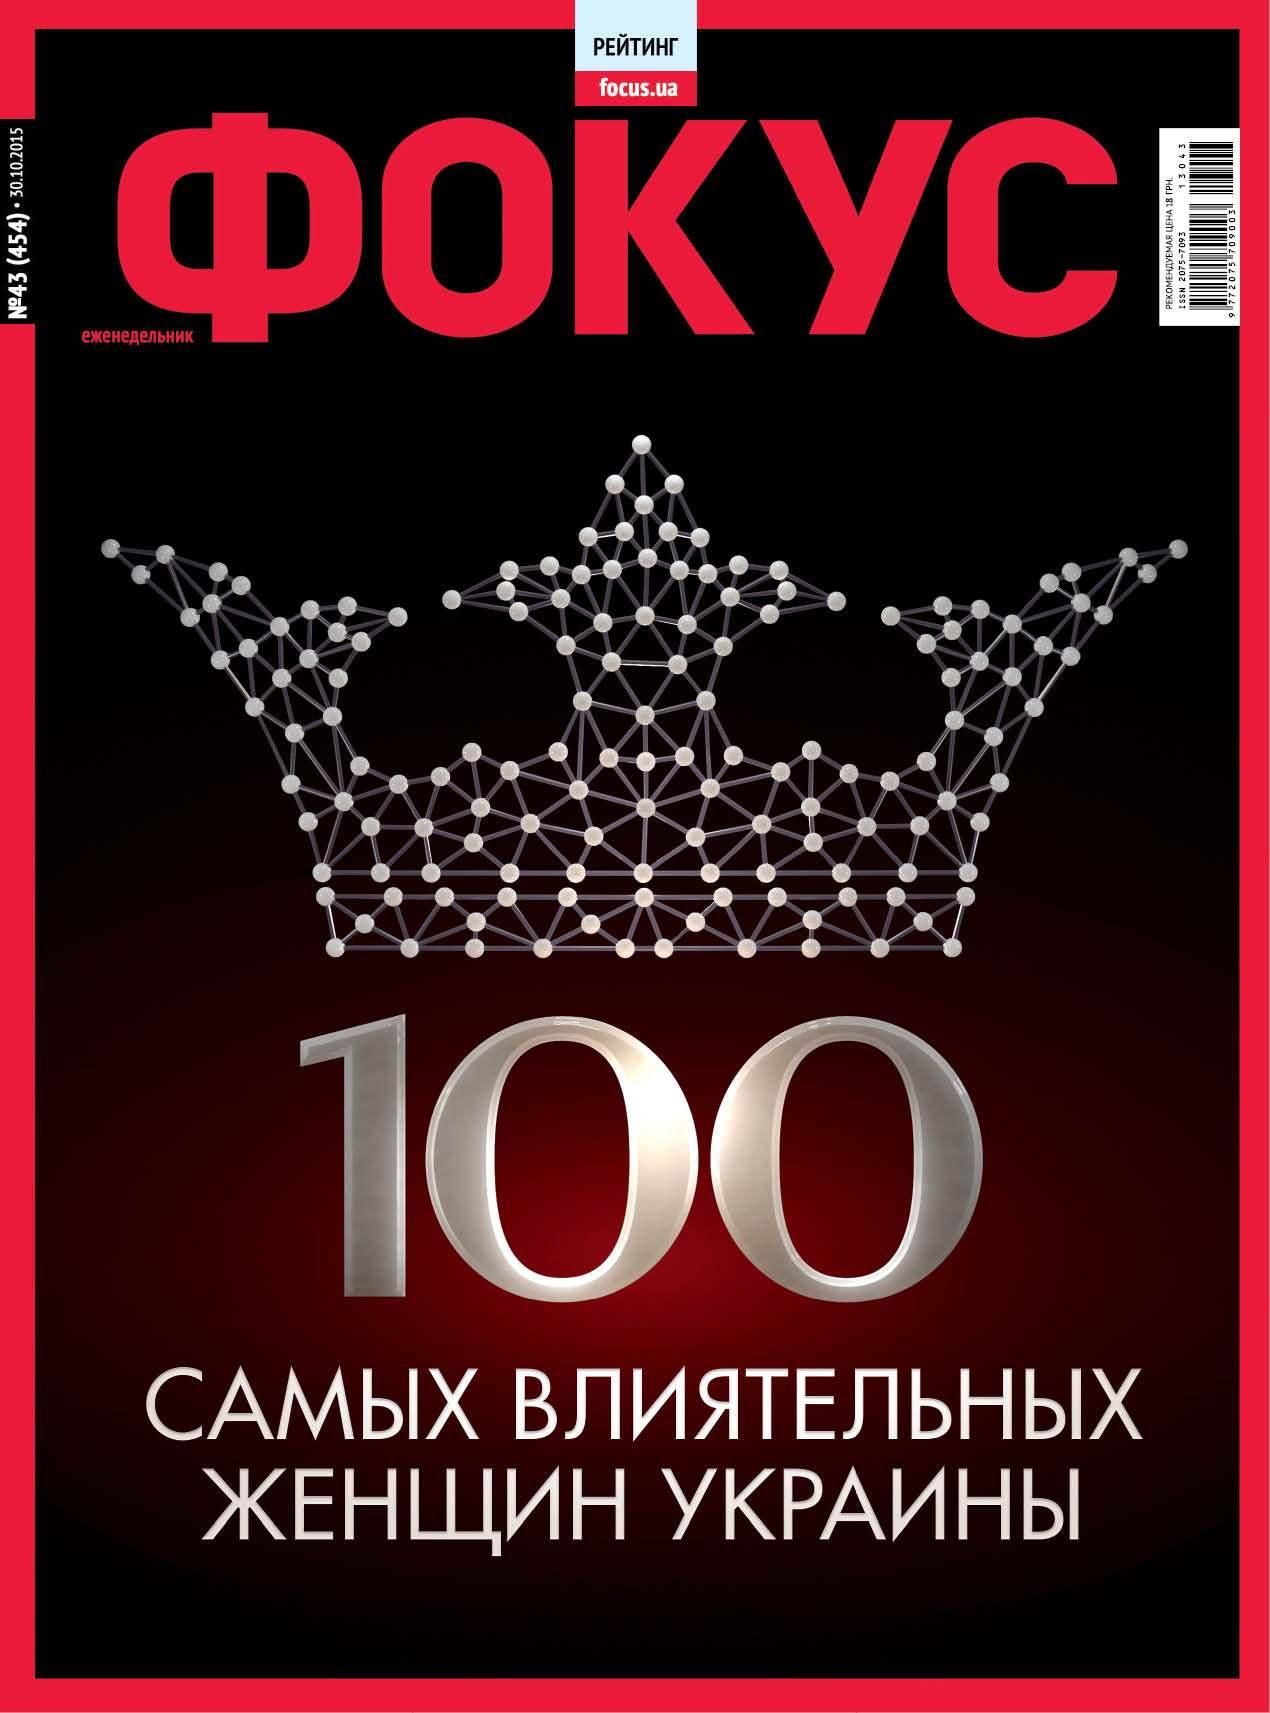 Трюк продемонстрировал рейтинг 100 авторитетных девушек Украины